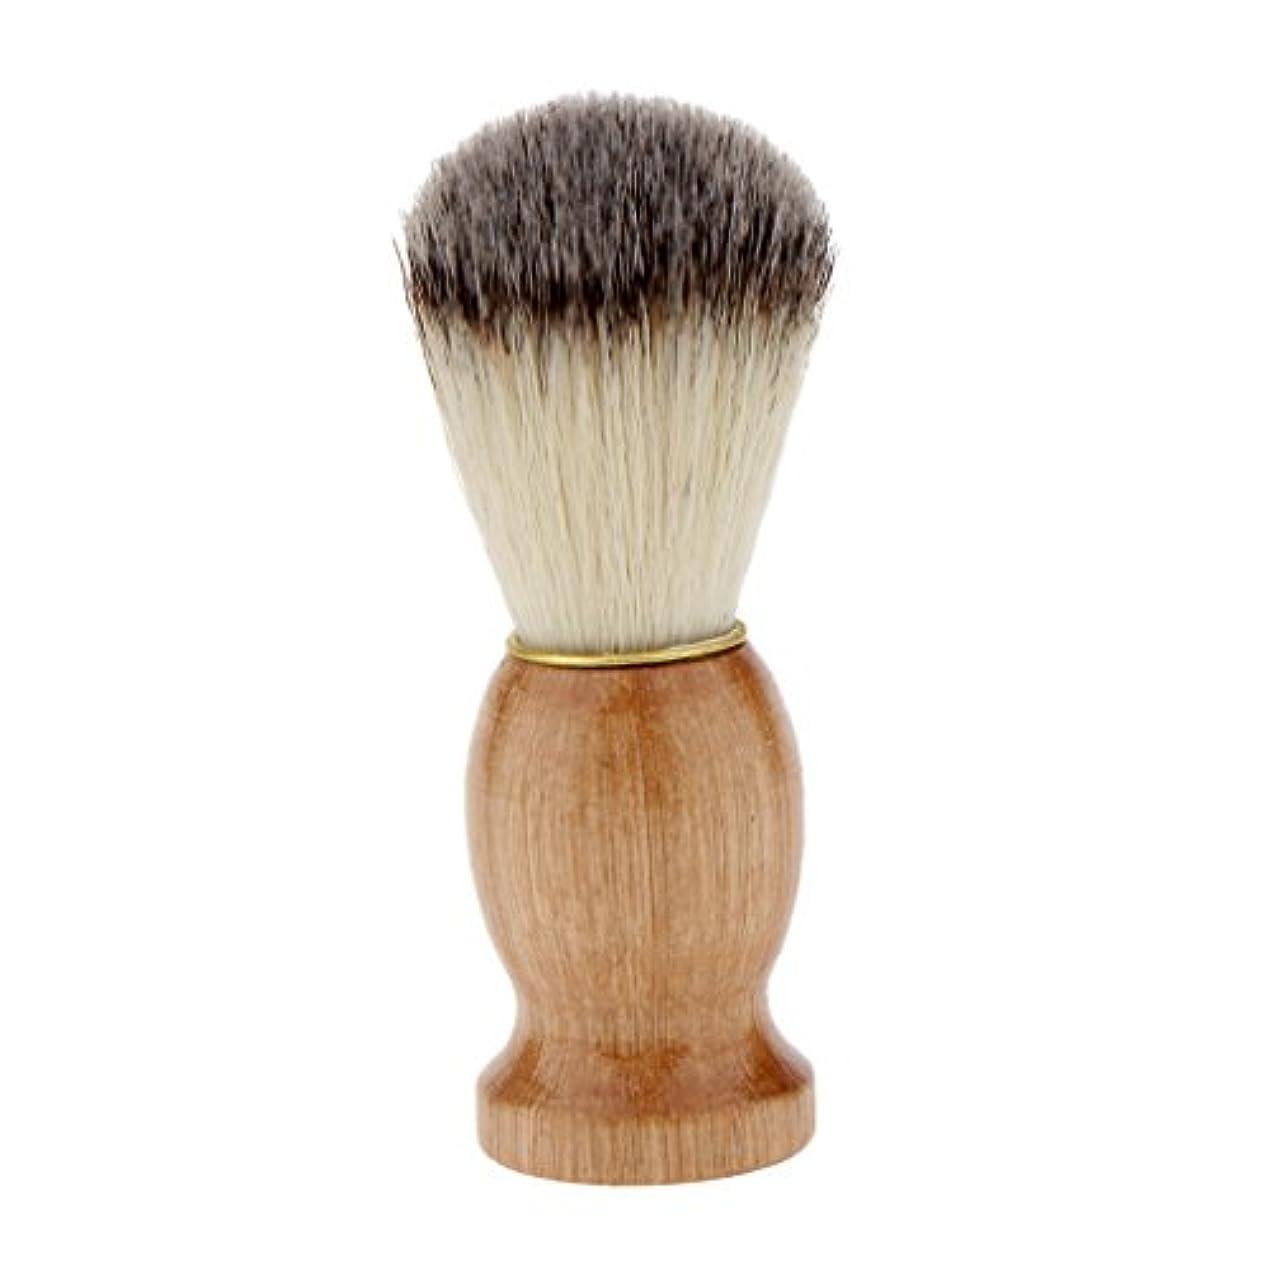 軌道湿地累計男性ギフト剃毛シェービングブラシプロ理髪店サロン剛毛ブラシウッドハンドルダストクリーニングツール